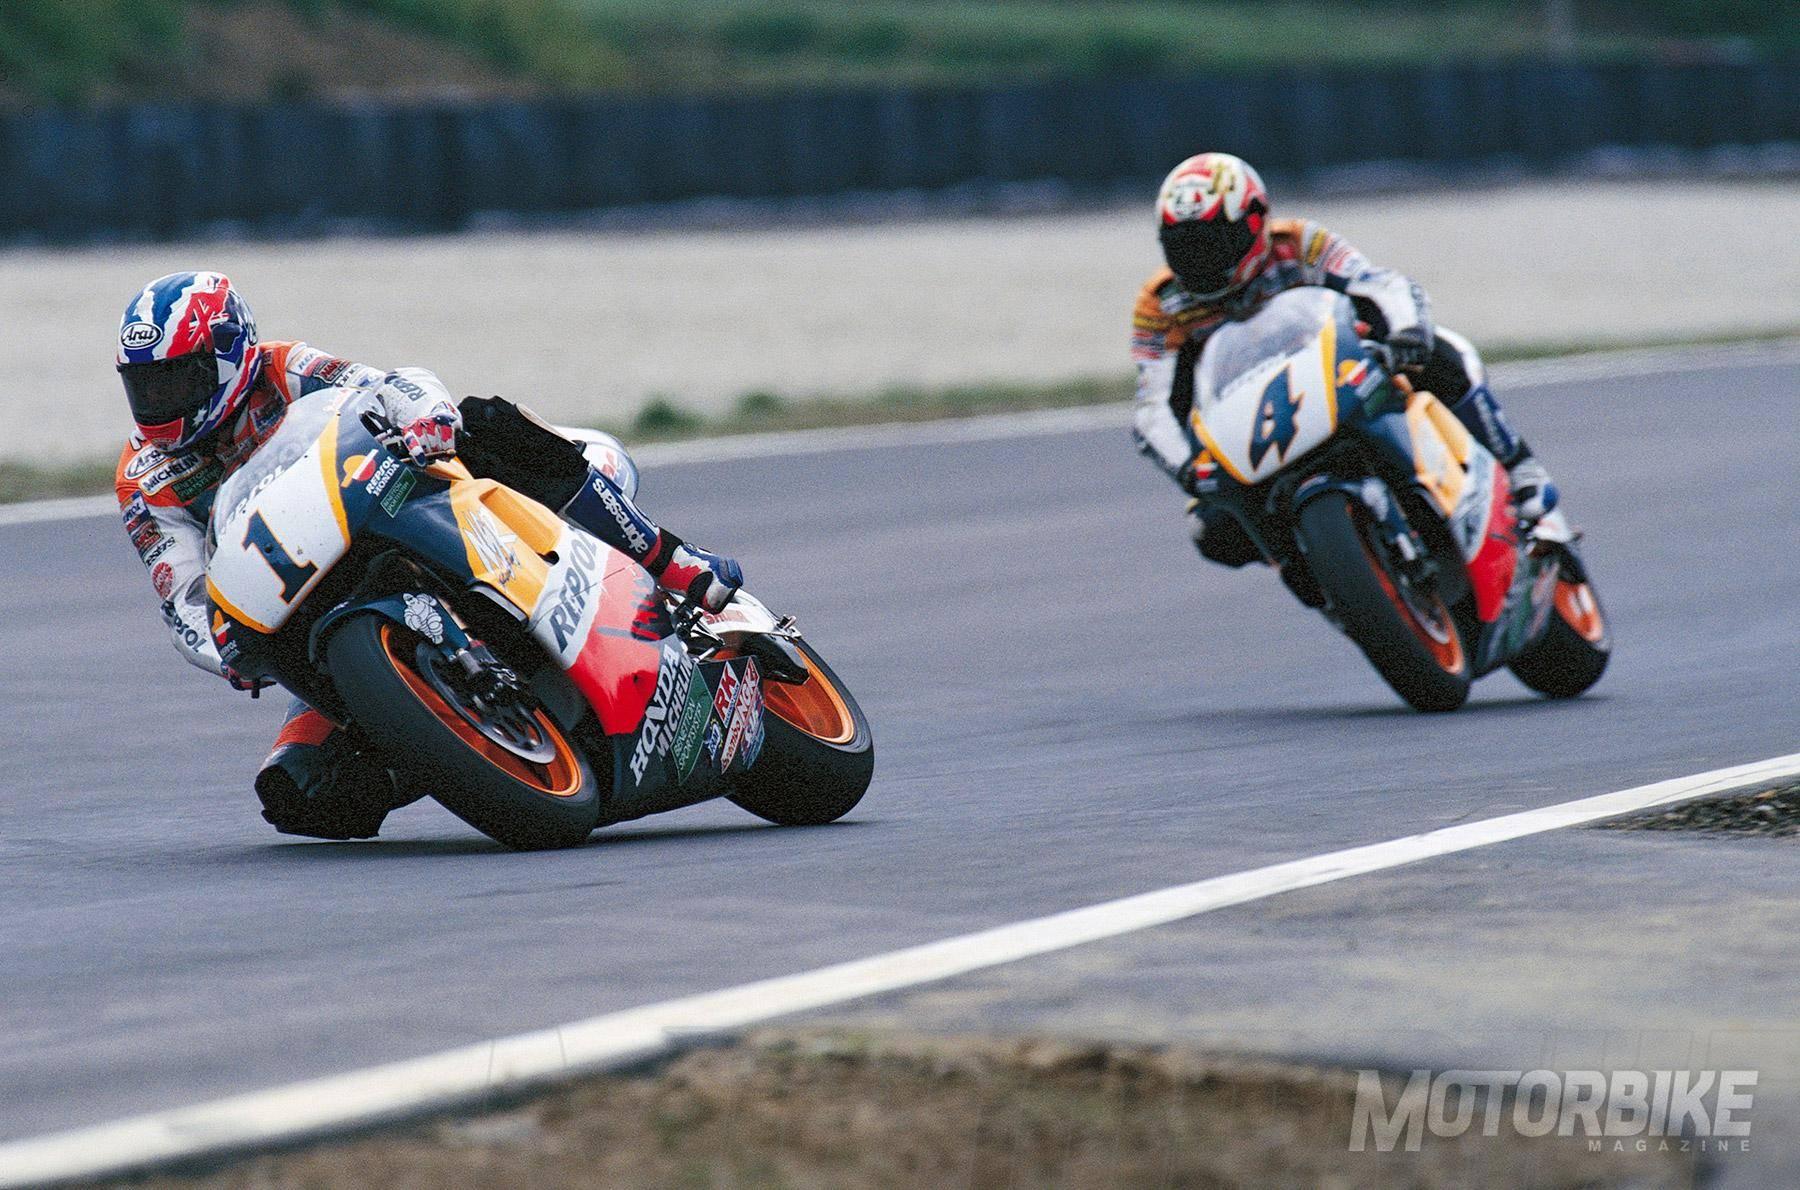 Álex Crivillé, el rey de la última vuelta - Motorbike Magazine